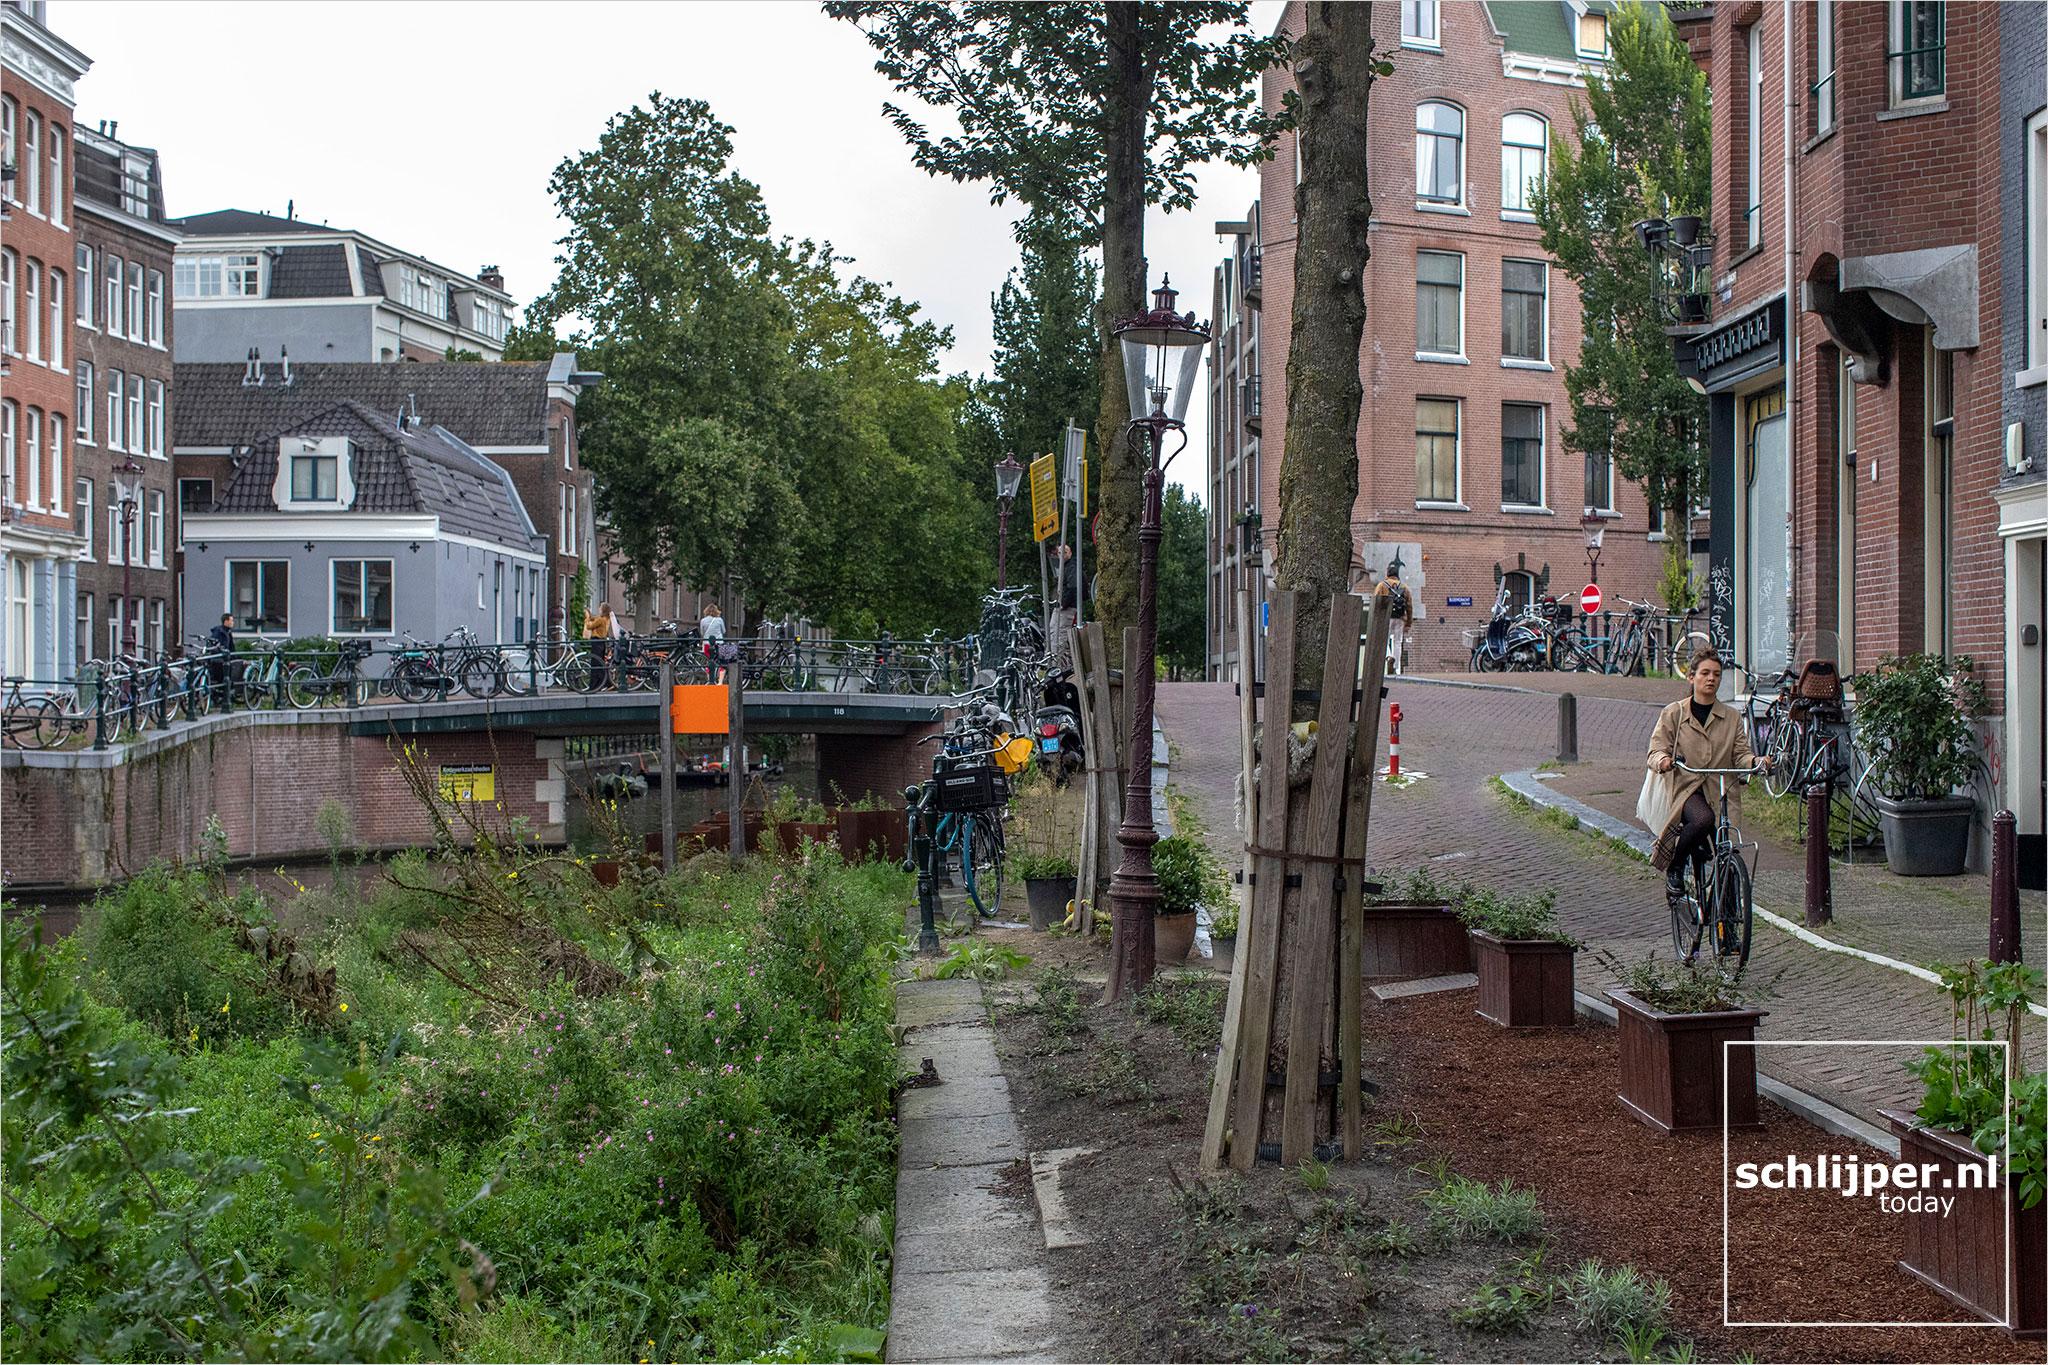 Nederland, Amsterdam, 30 augustus 2020